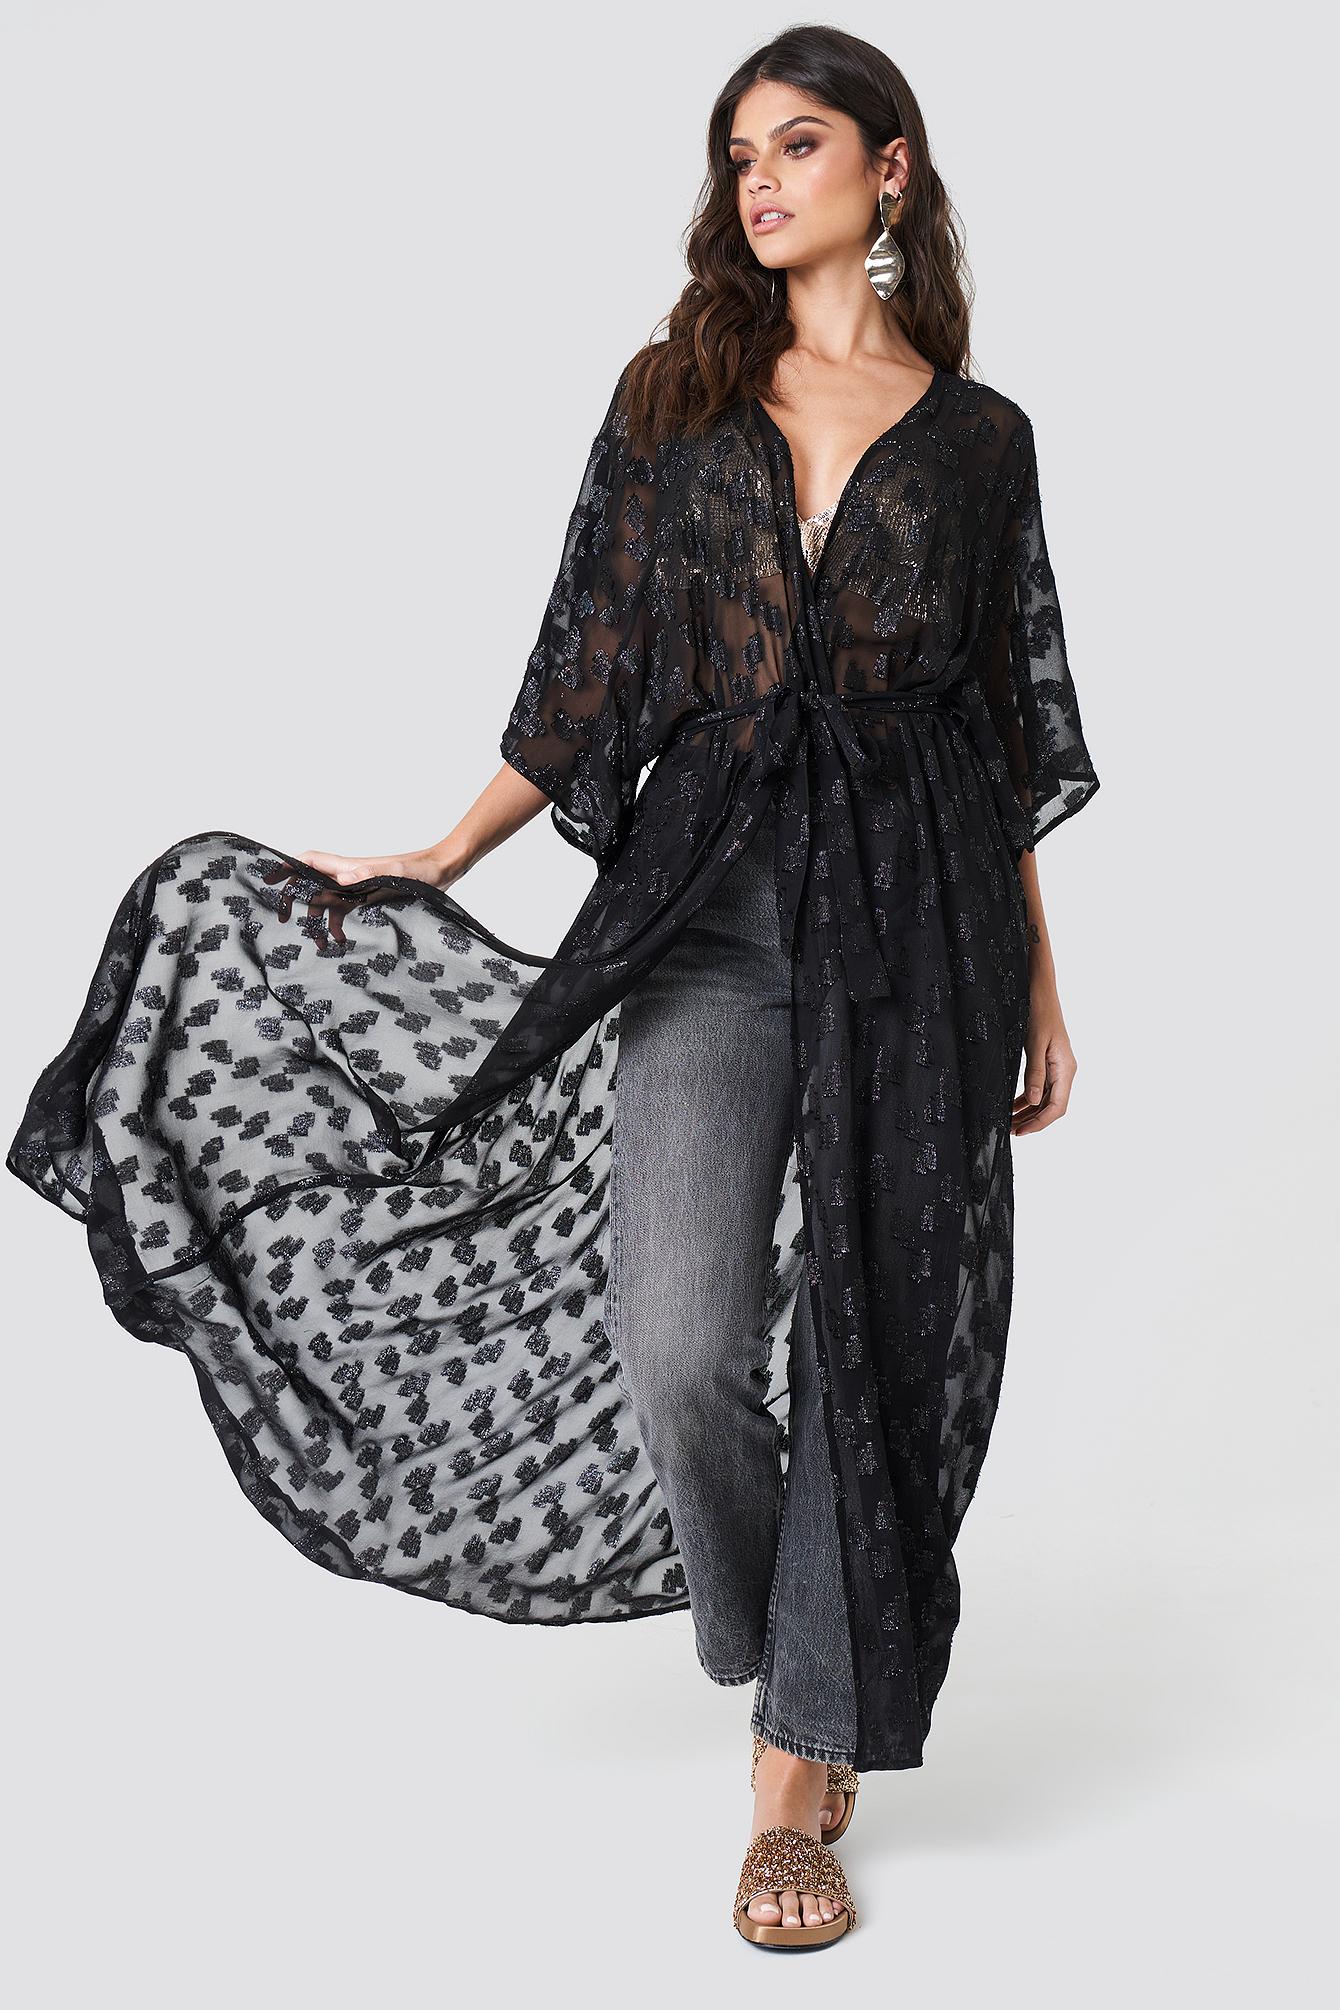 Glitter Glitter Black Glitter Dress Dress Coat Black Na Dress Coat Glitter Na Na Black Coat 8pSBAx5nq